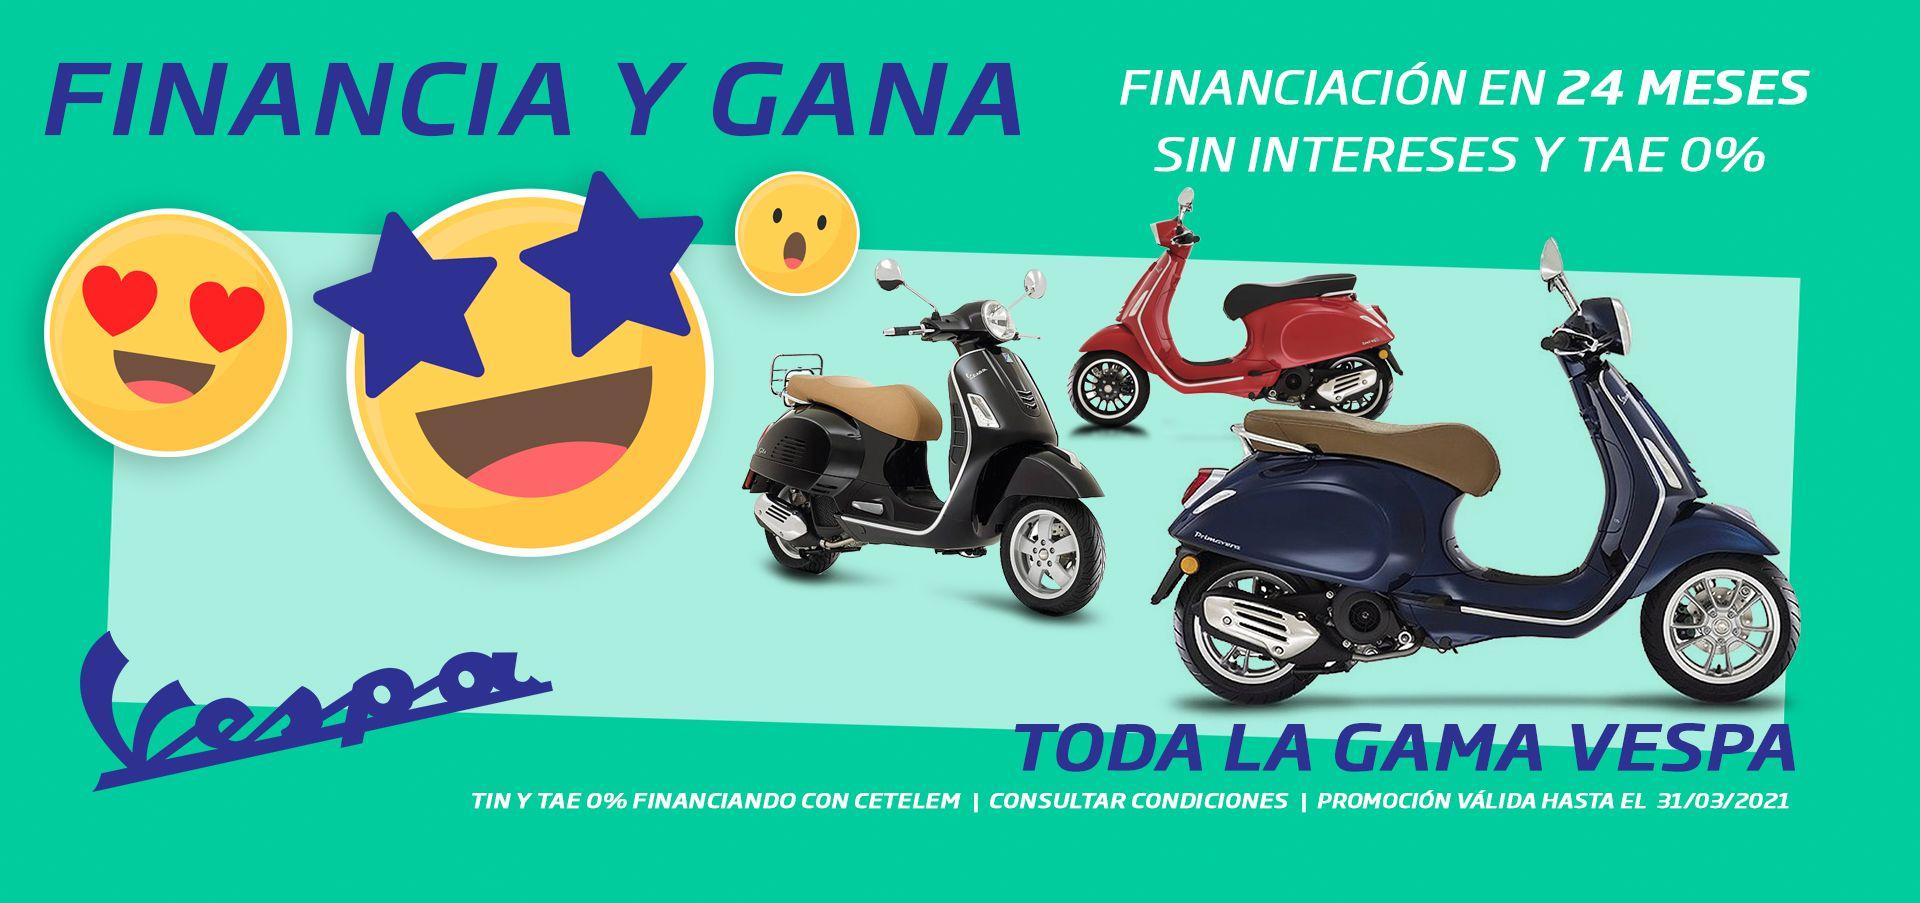 Vespamálaga Concesionario Derbi Aprilia Piaggio Vespa Piaggio Vehículos Comerciales Moto Guzzi En Málaga Málaga Motos Segunda Mano Nuevas Y De Ocasión En Málaga